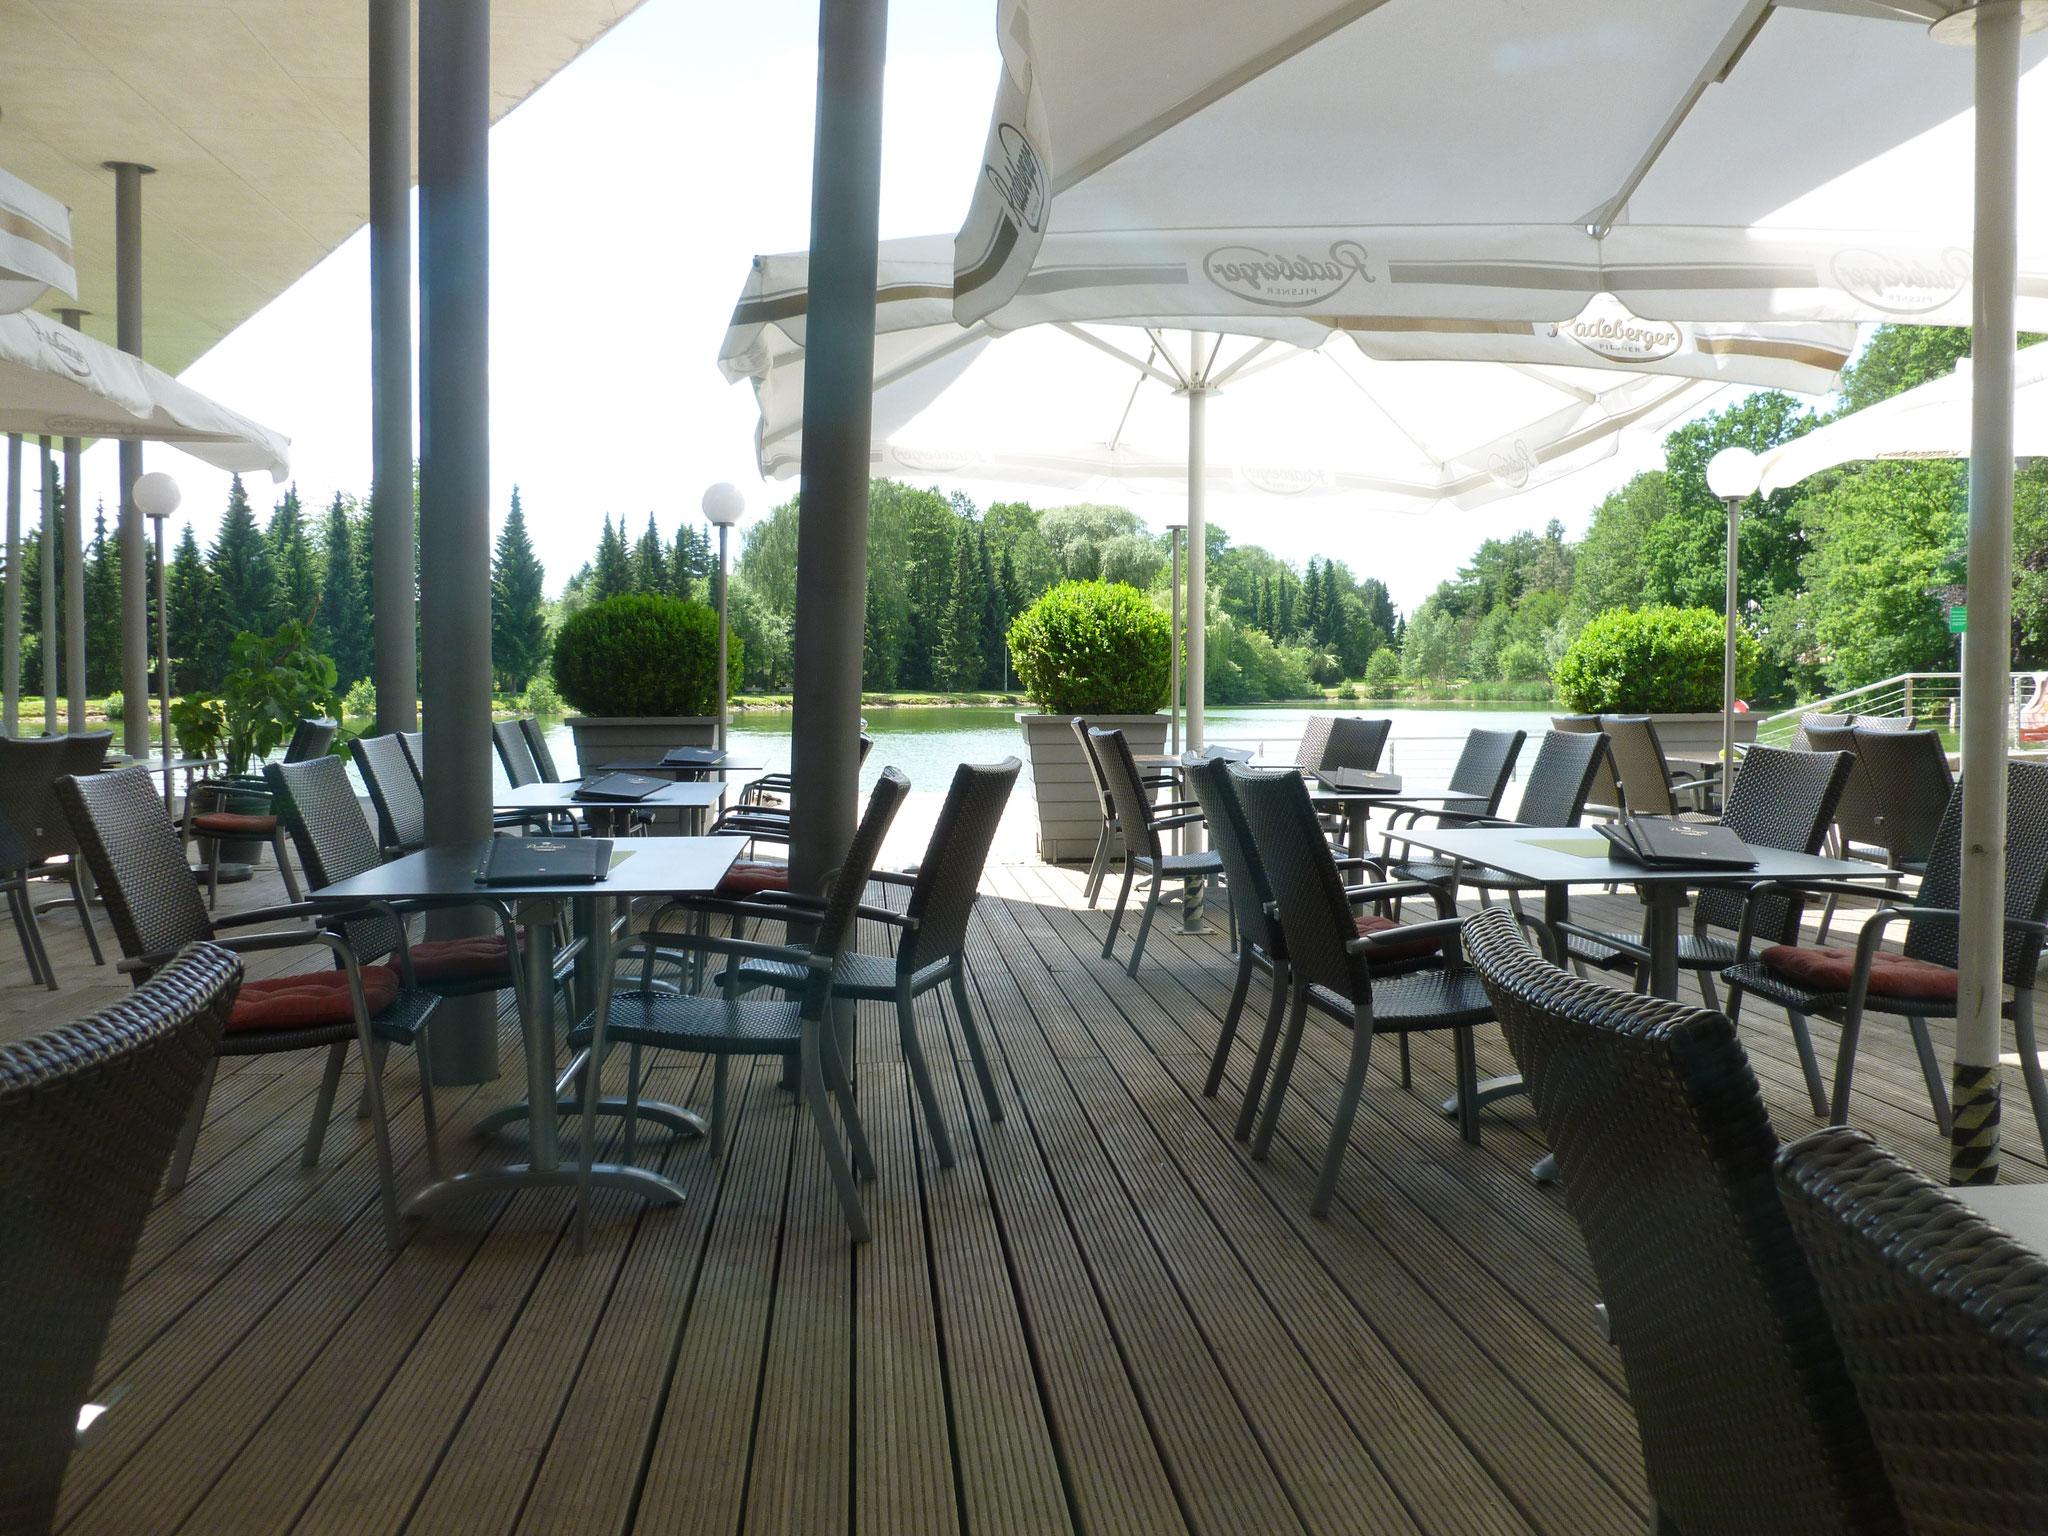 Terrasse mit Blick auf den Pelzmühlenteich